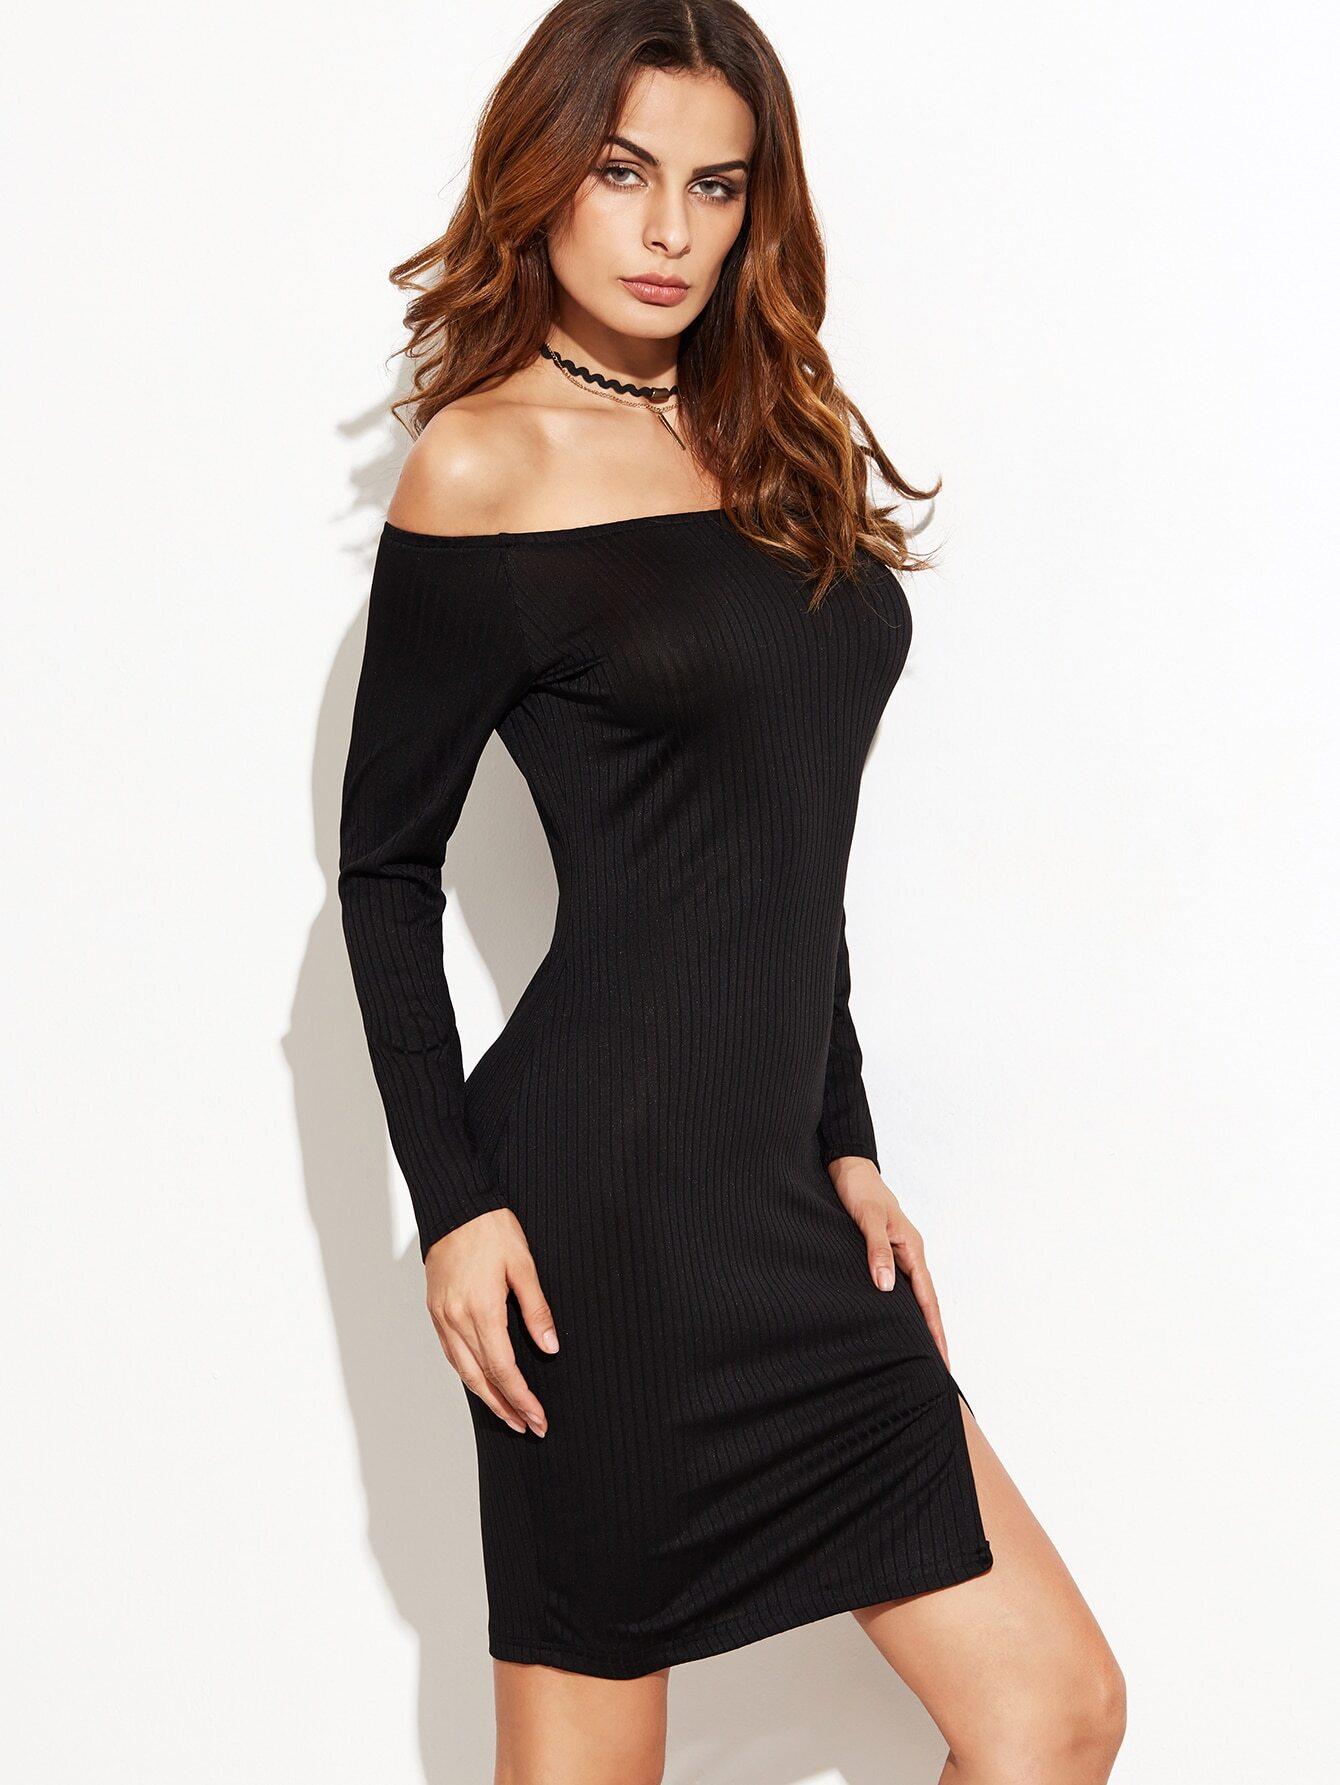 Black Off The Shoulder Slit Hem Ribbed Dress dress160826104